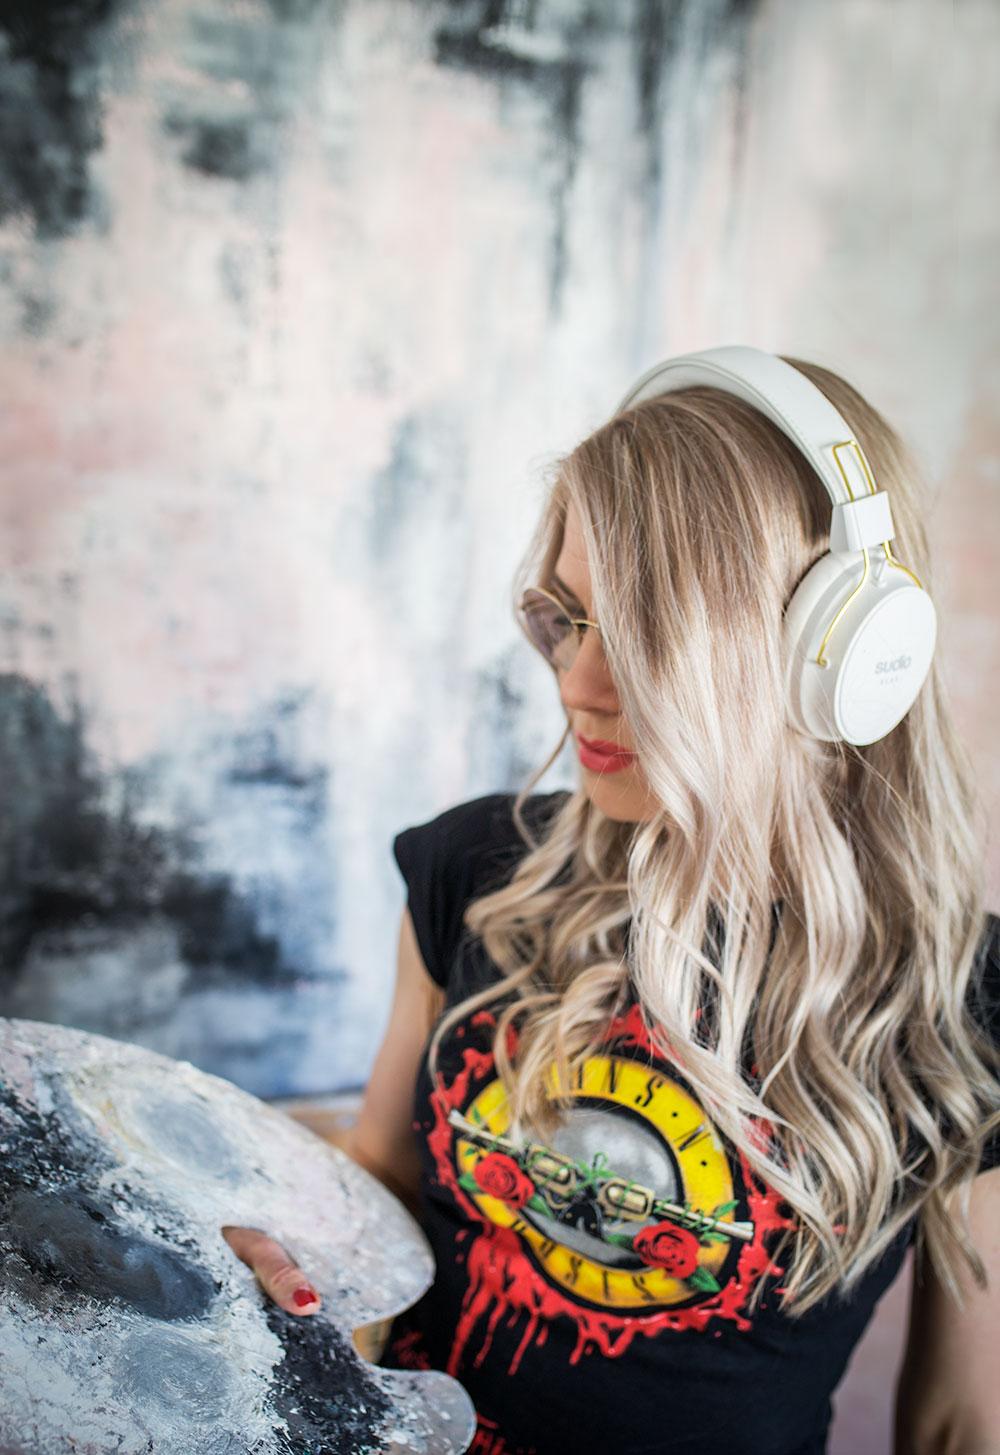 Musiikki luomisvoimana ja alekoodi Teille, olkaa hyvä!